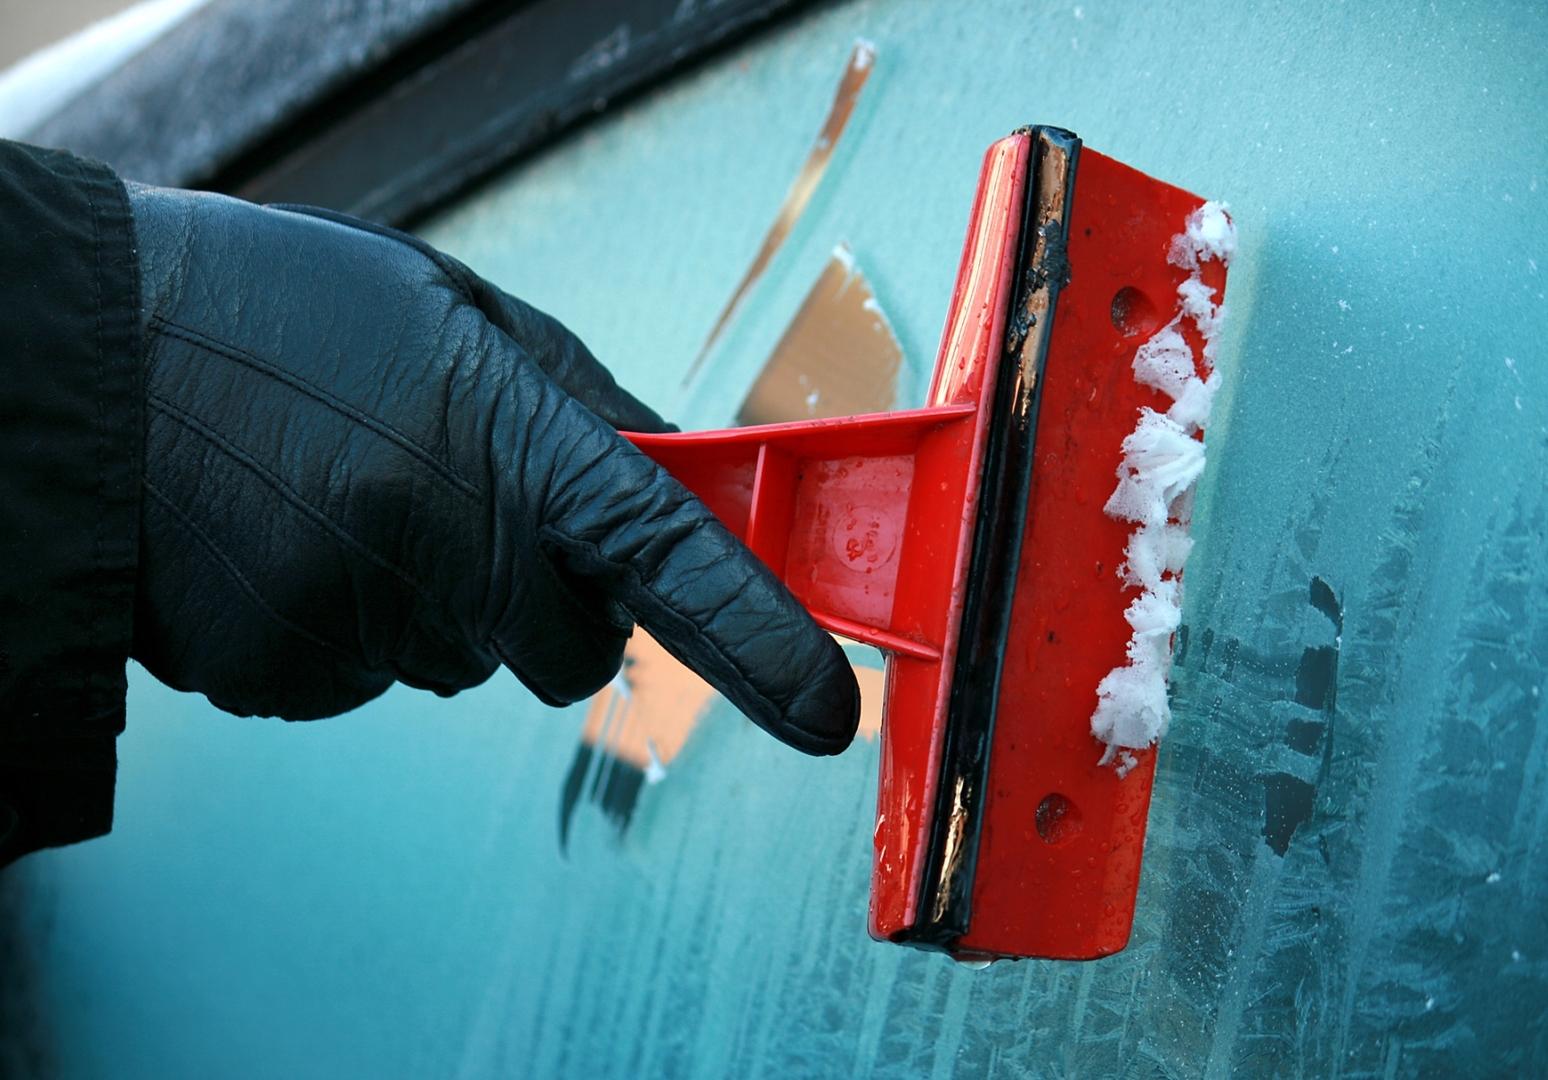 Как просто и быстро очистить стёкла машины ото льда